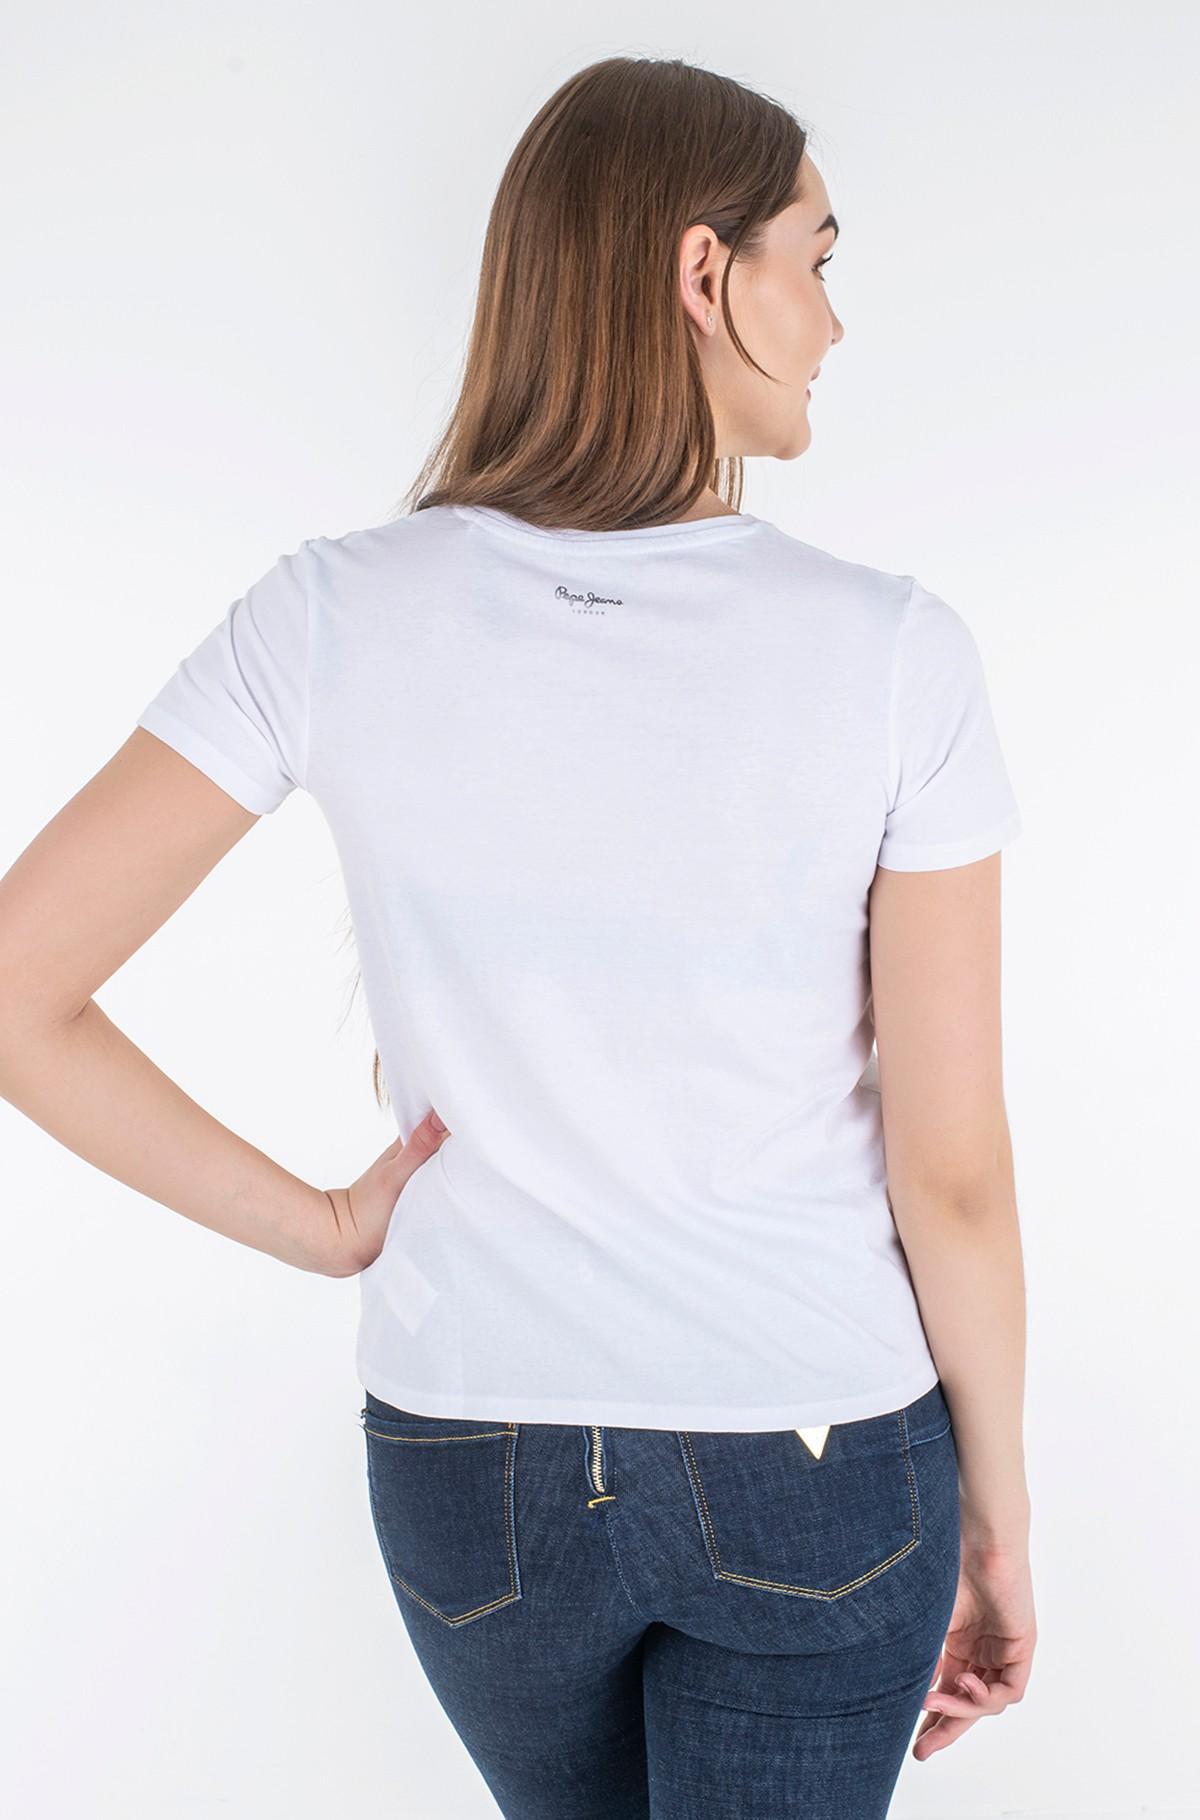 T-shirt EMILIA/PL504694-full-2